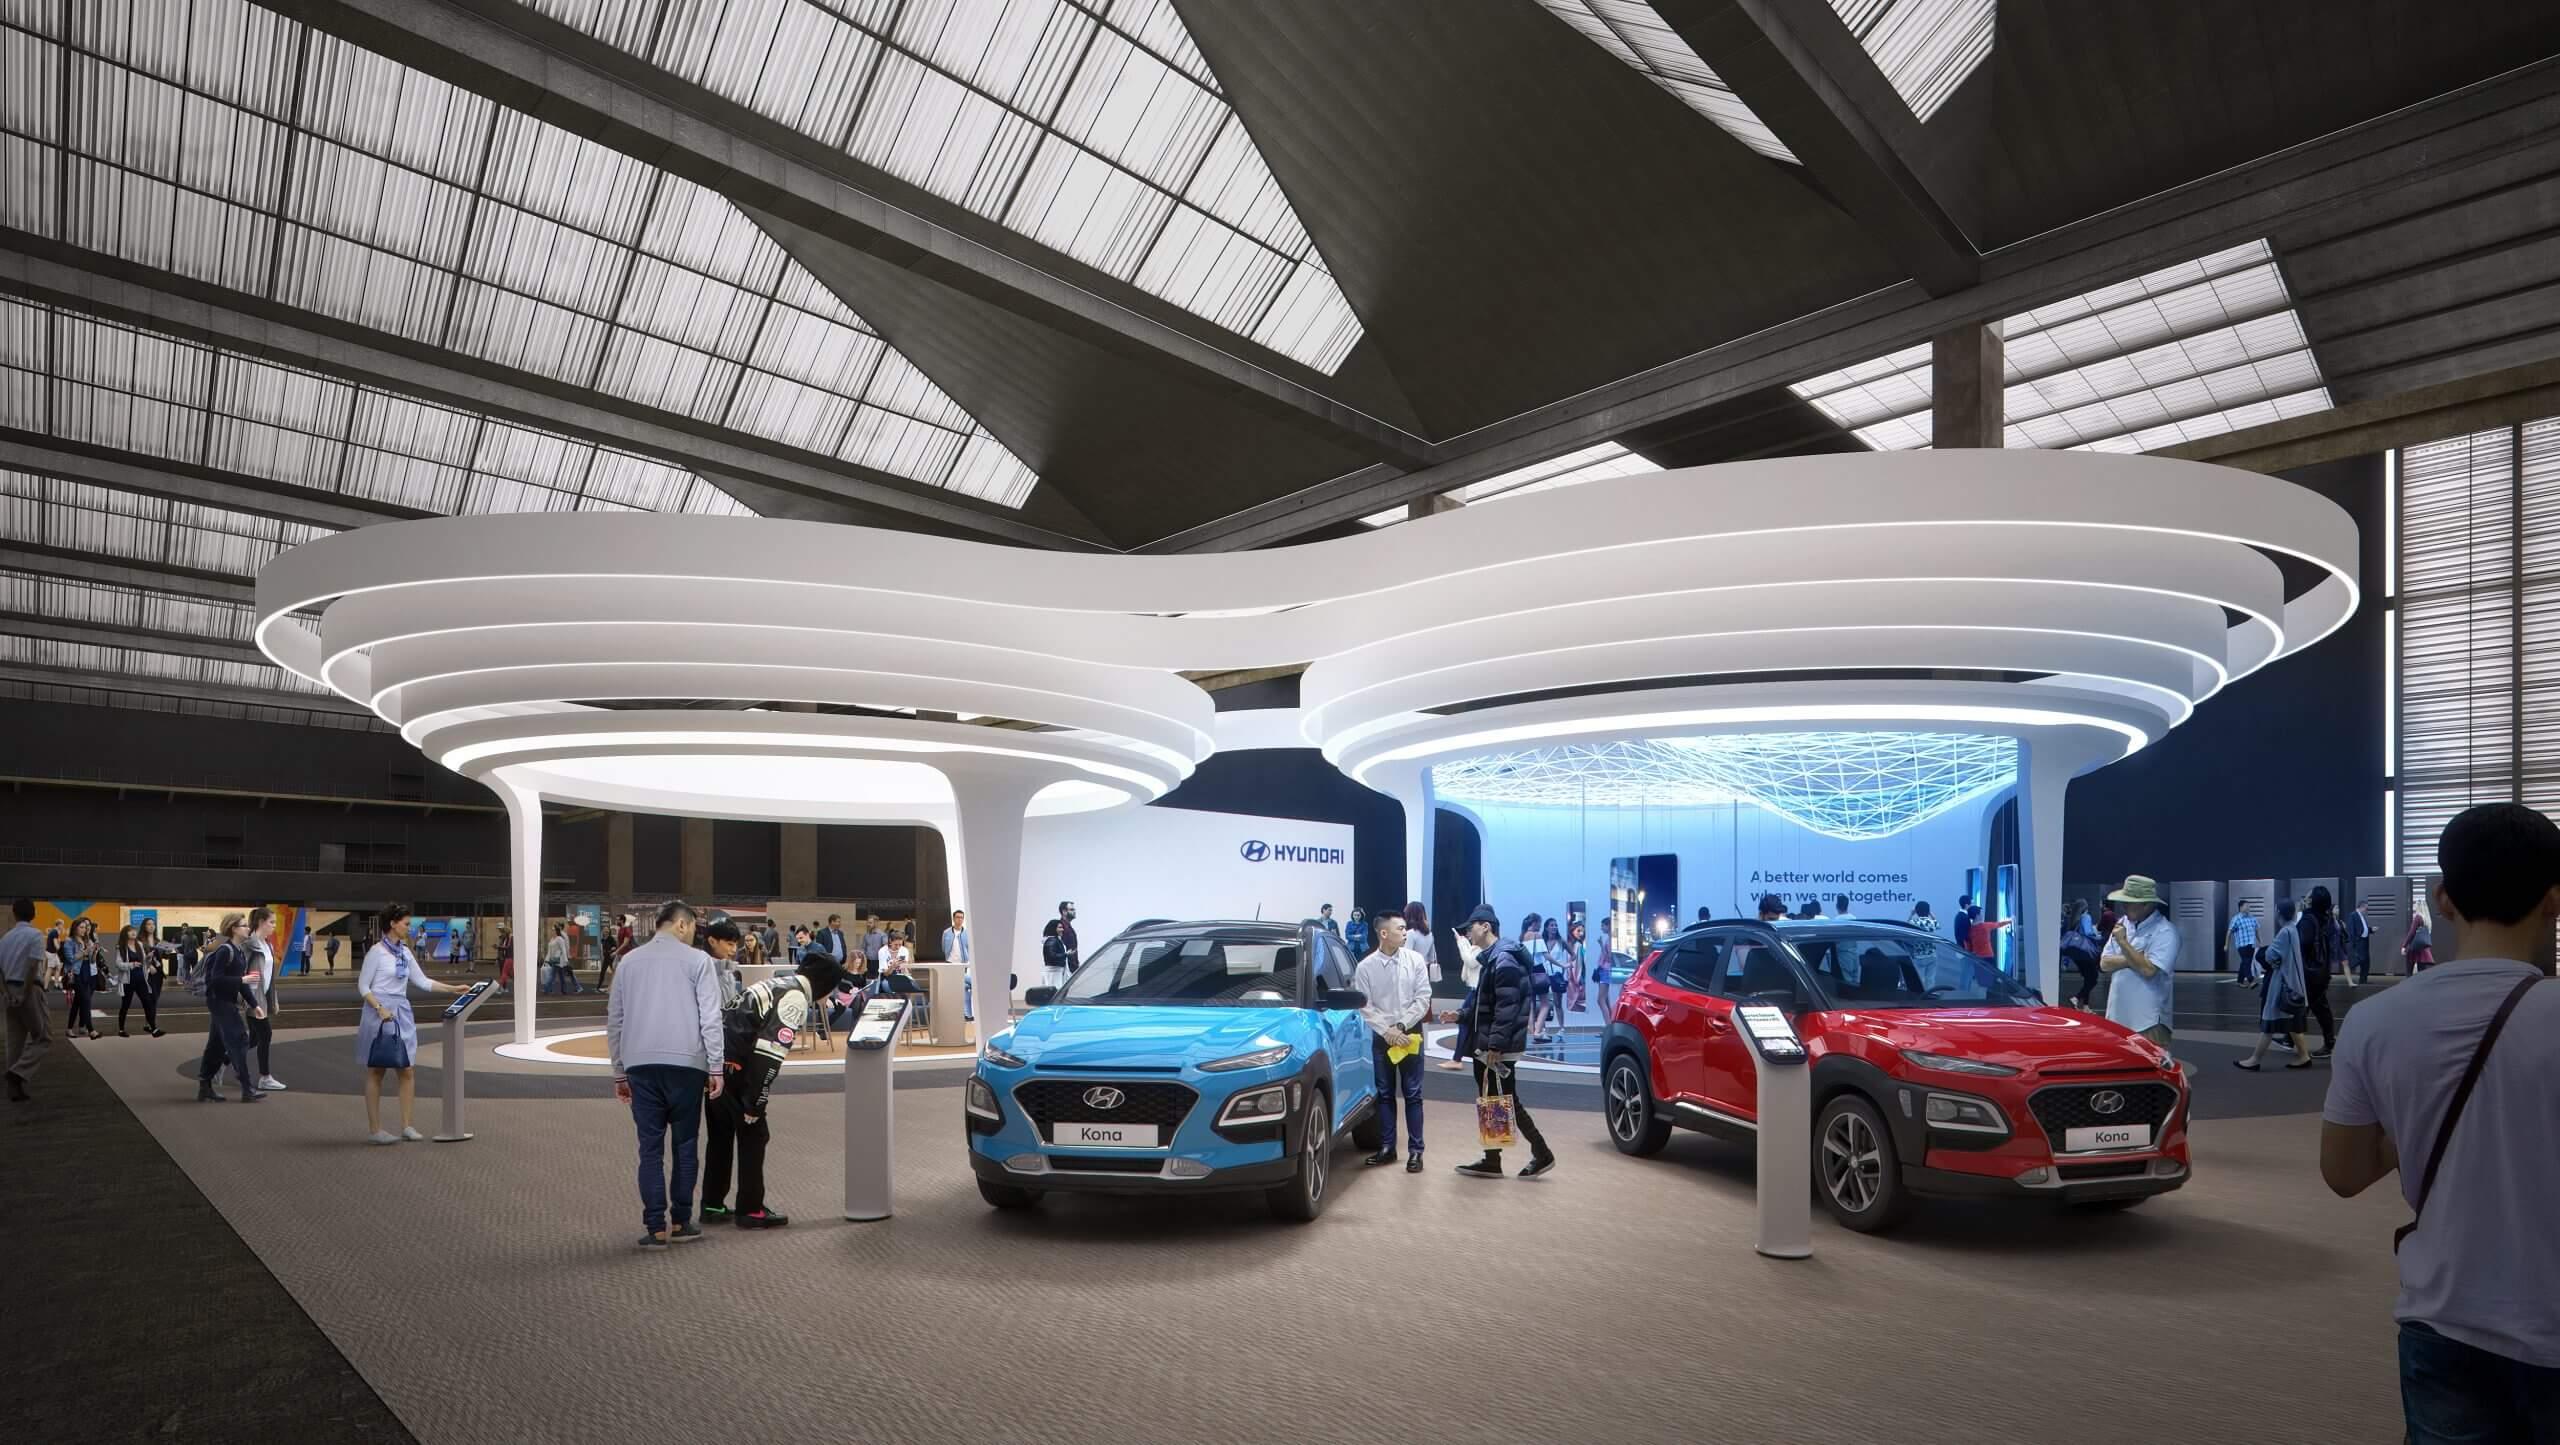 Hyundai_EXHIB_Brandlab_Exhibit